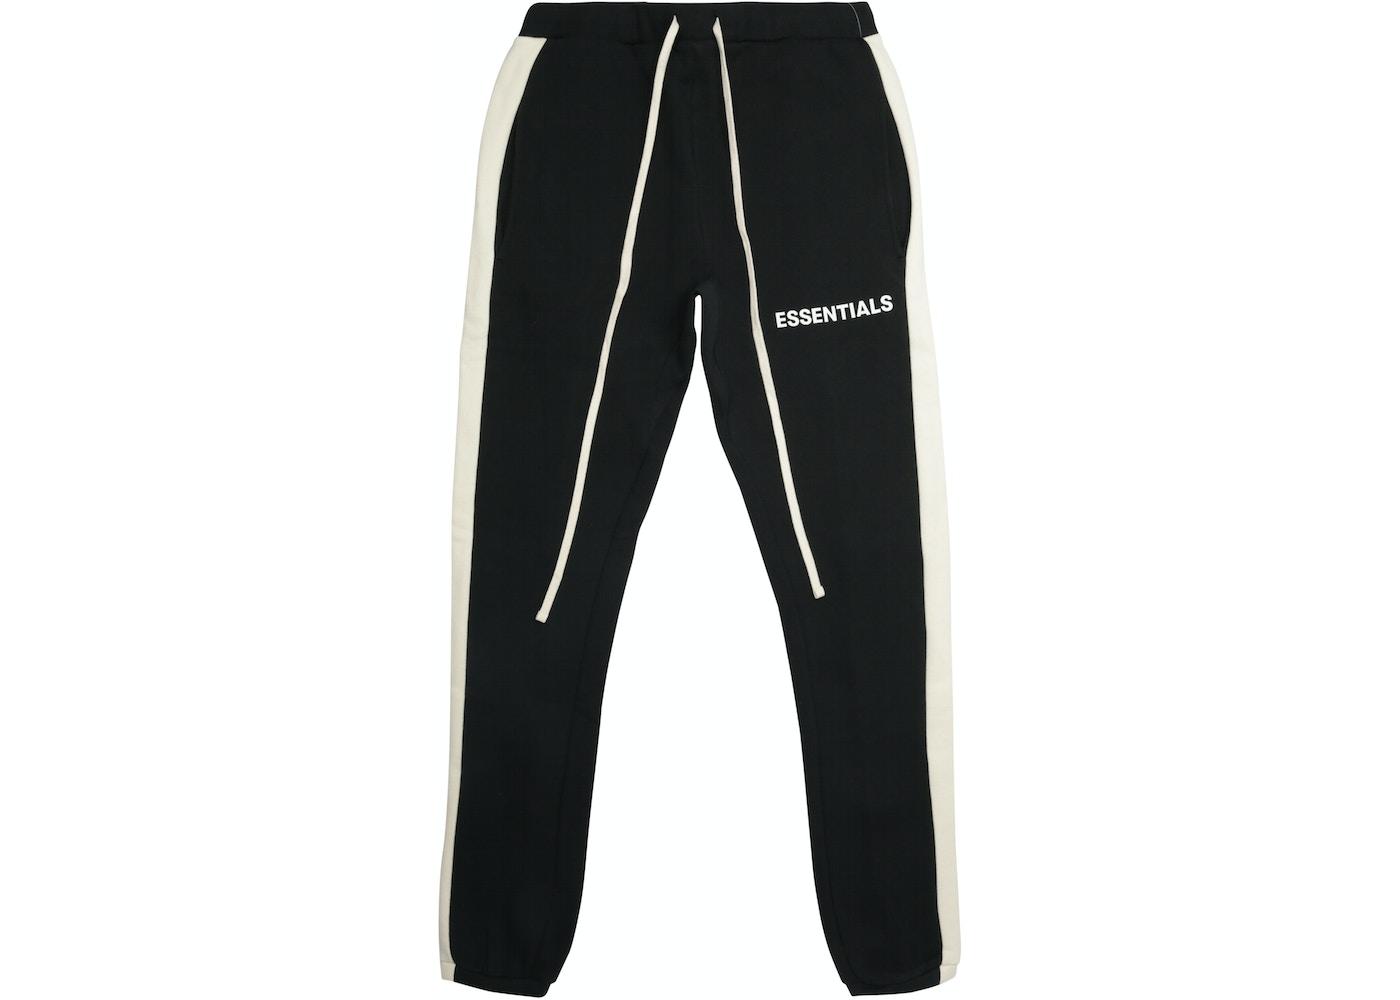 767dd5f2ea3 FEAR OF GOD Essentials Side Stripe Sweatpants Black - FW18